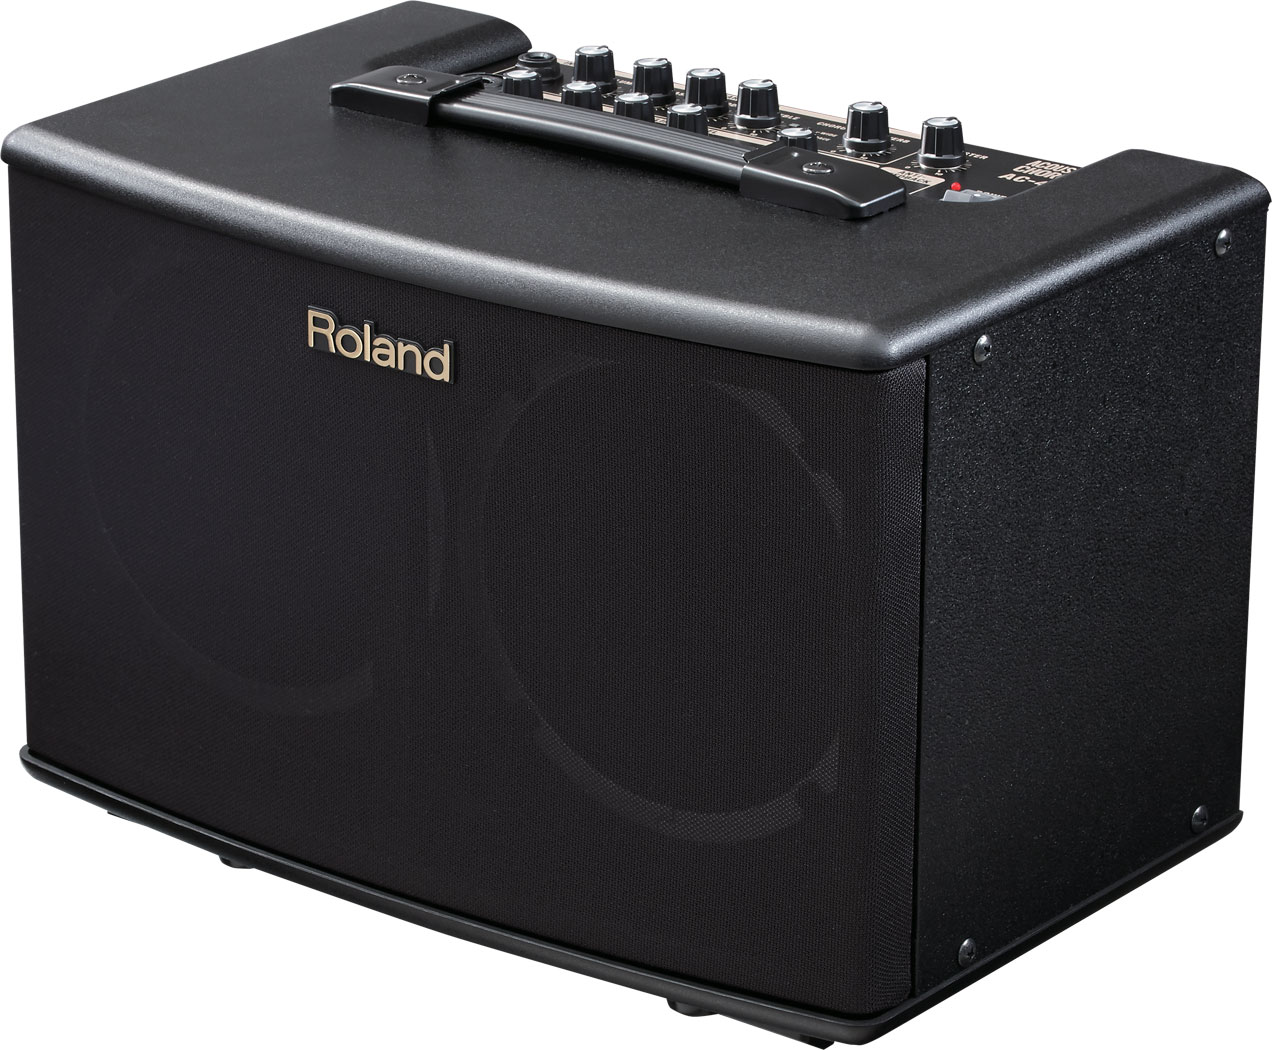 罗兰 Roland AC-40 吉他音箱